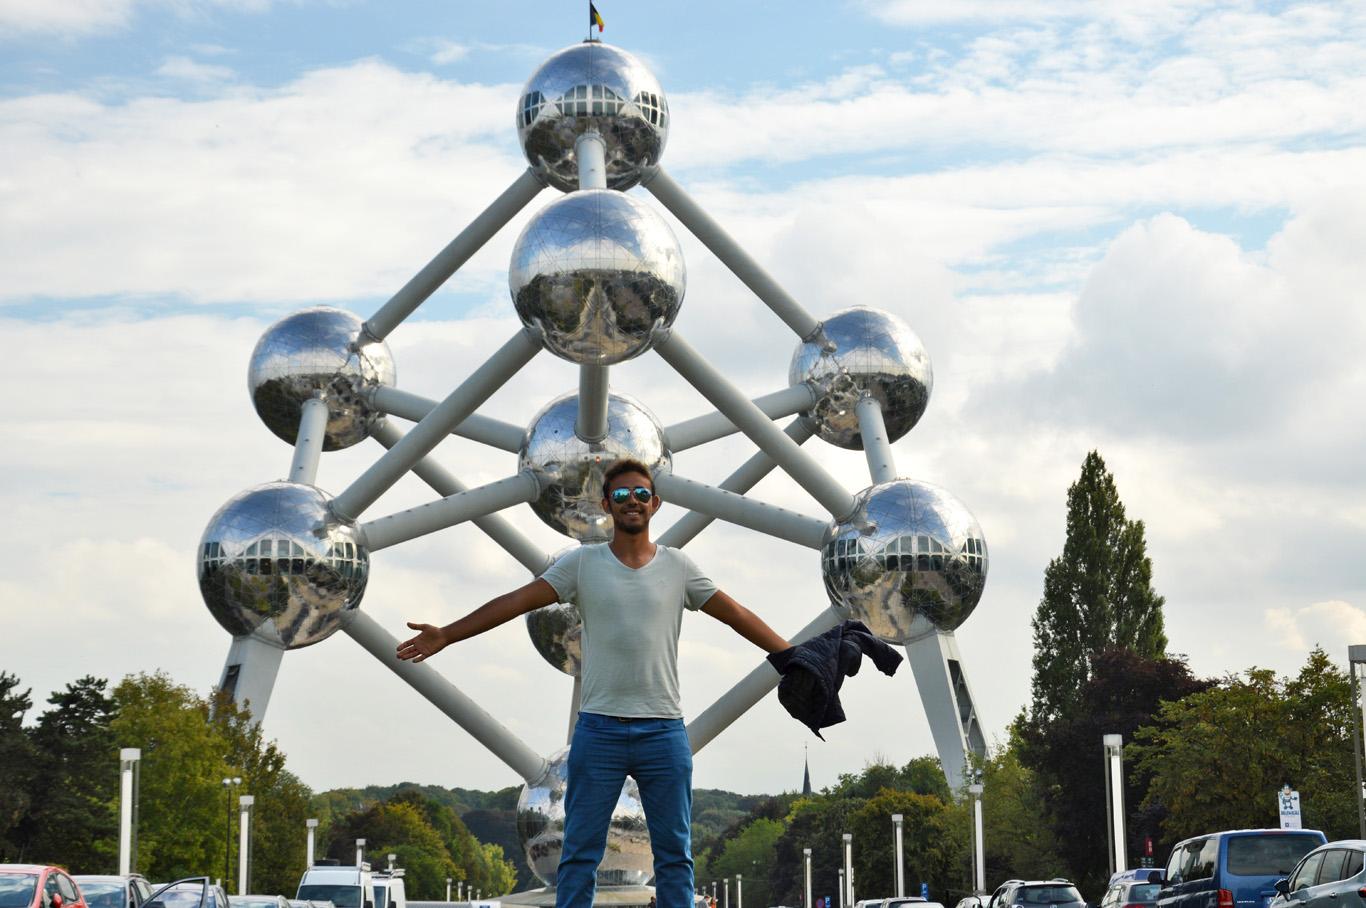 At the Atomium